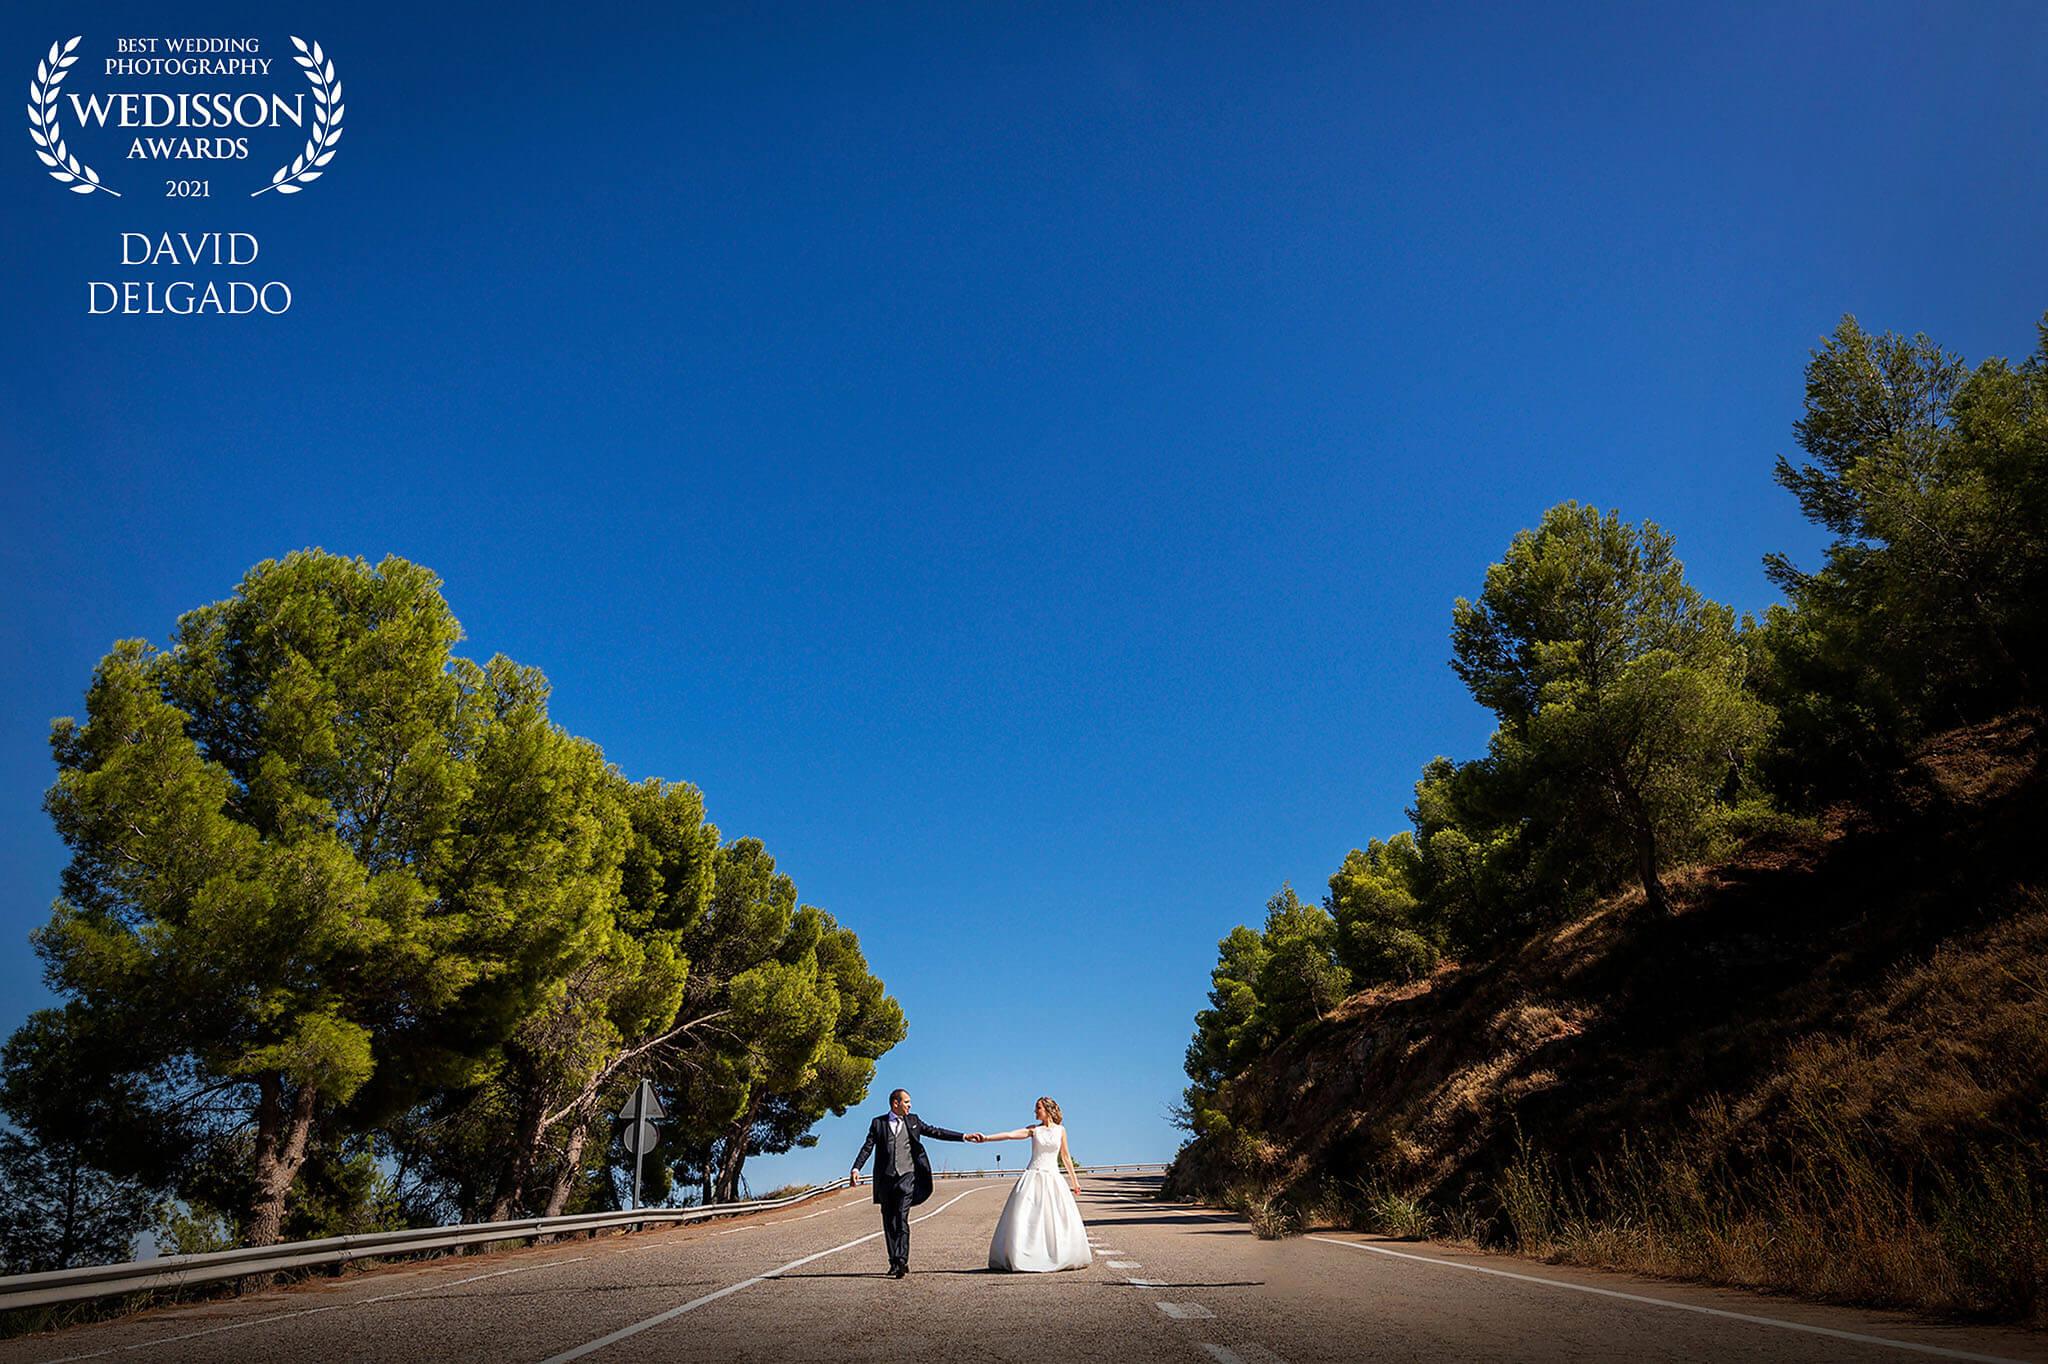 David Delgado Wedding Photography Wedisson Awards-20